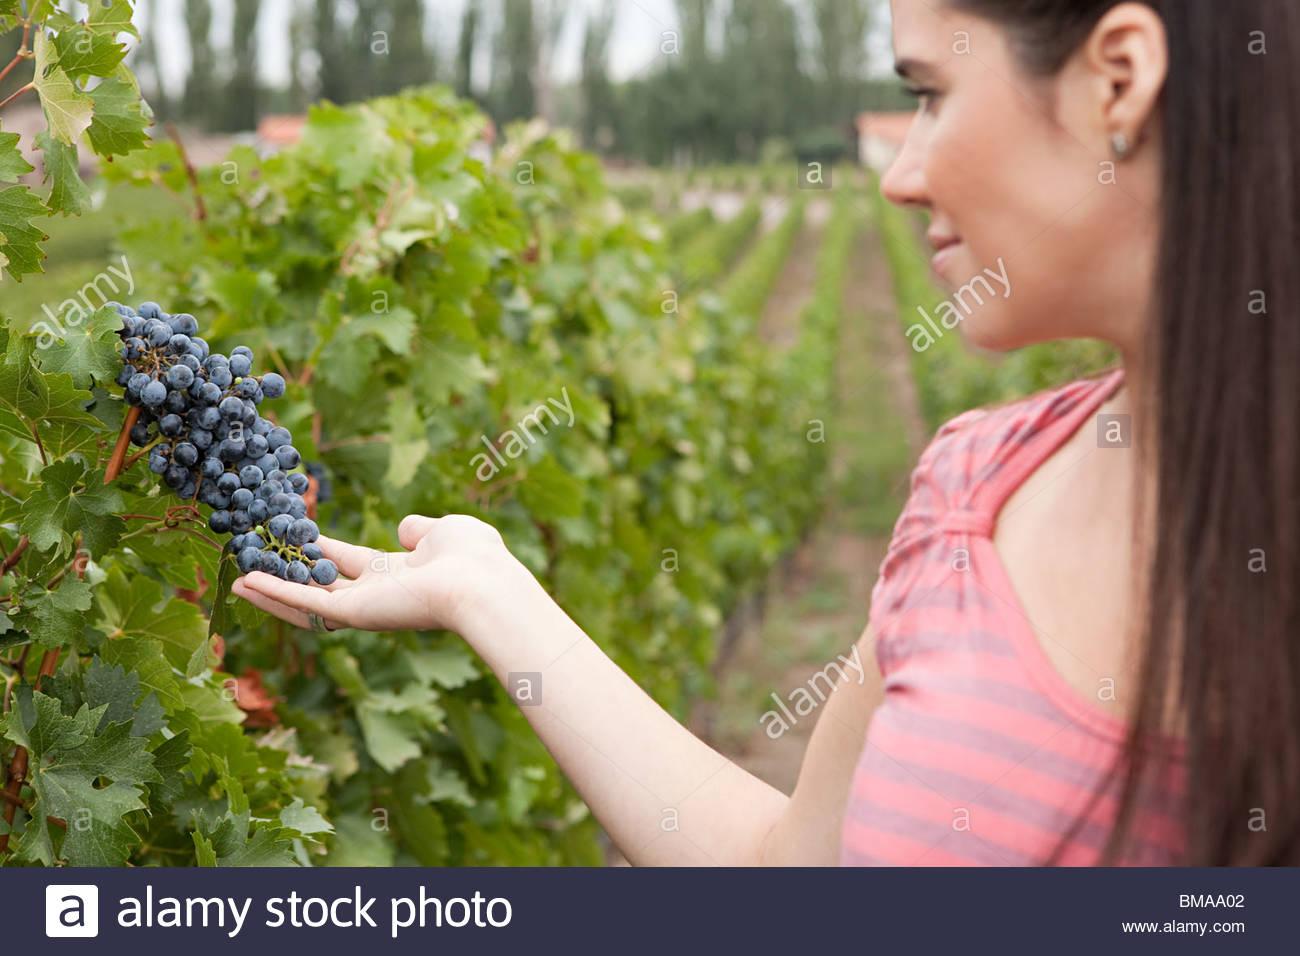 Woman looking at grapes - Stock Image